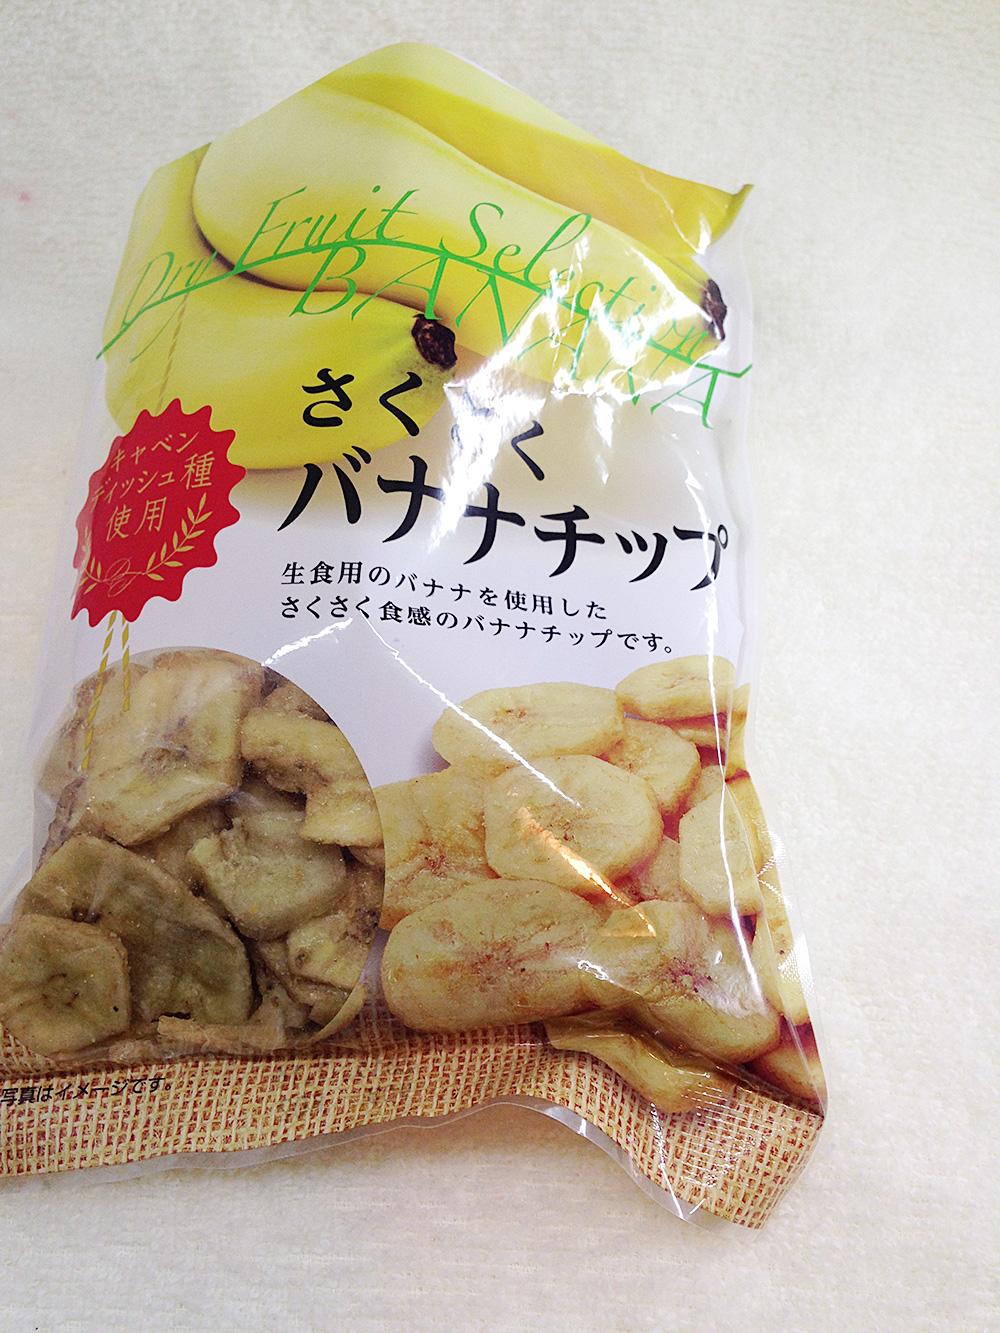 100円バナナチップのレビュー